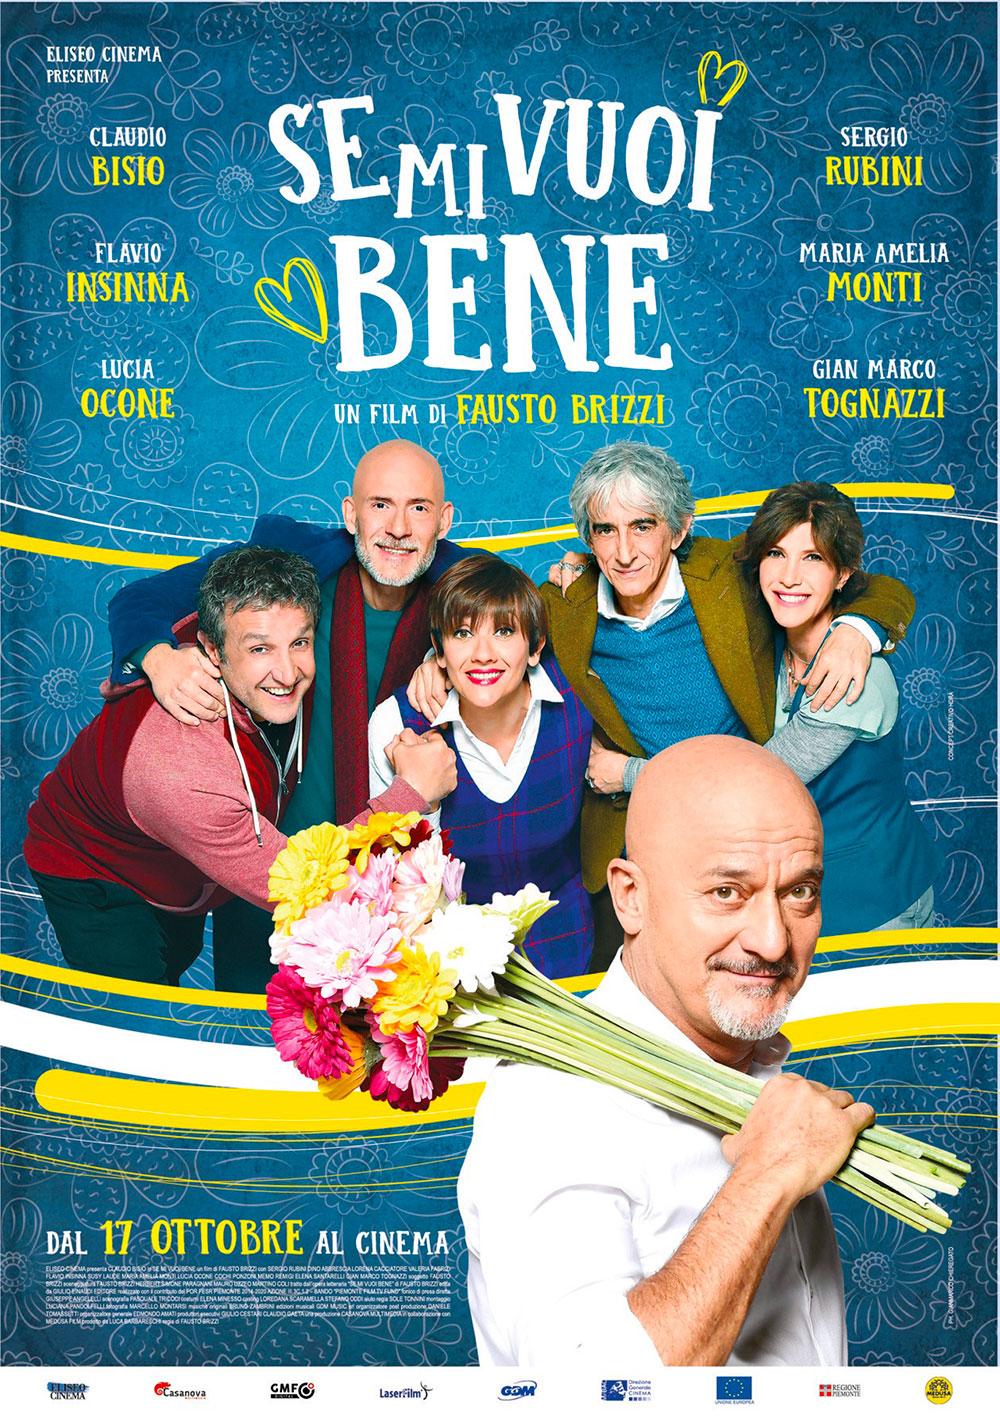 In foto Sergio Rubini (62 anni) Dall'articolo: Se mi vuoi Bene, il poster ufficiale del film.